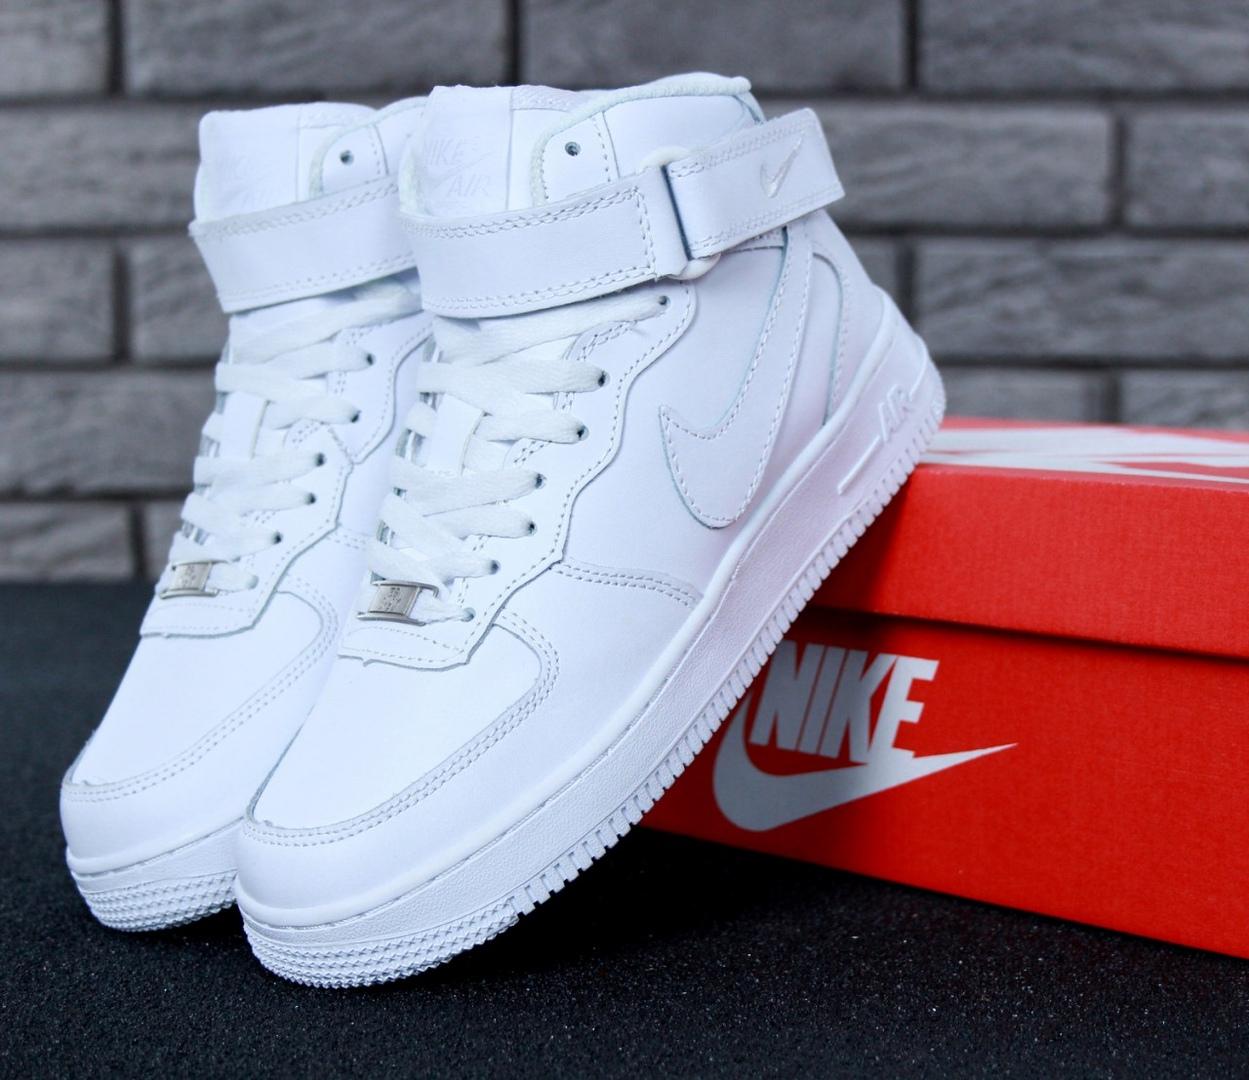 97529256eb2c9a ... Жіночі зимові кросівки Nike Air Force High Winter